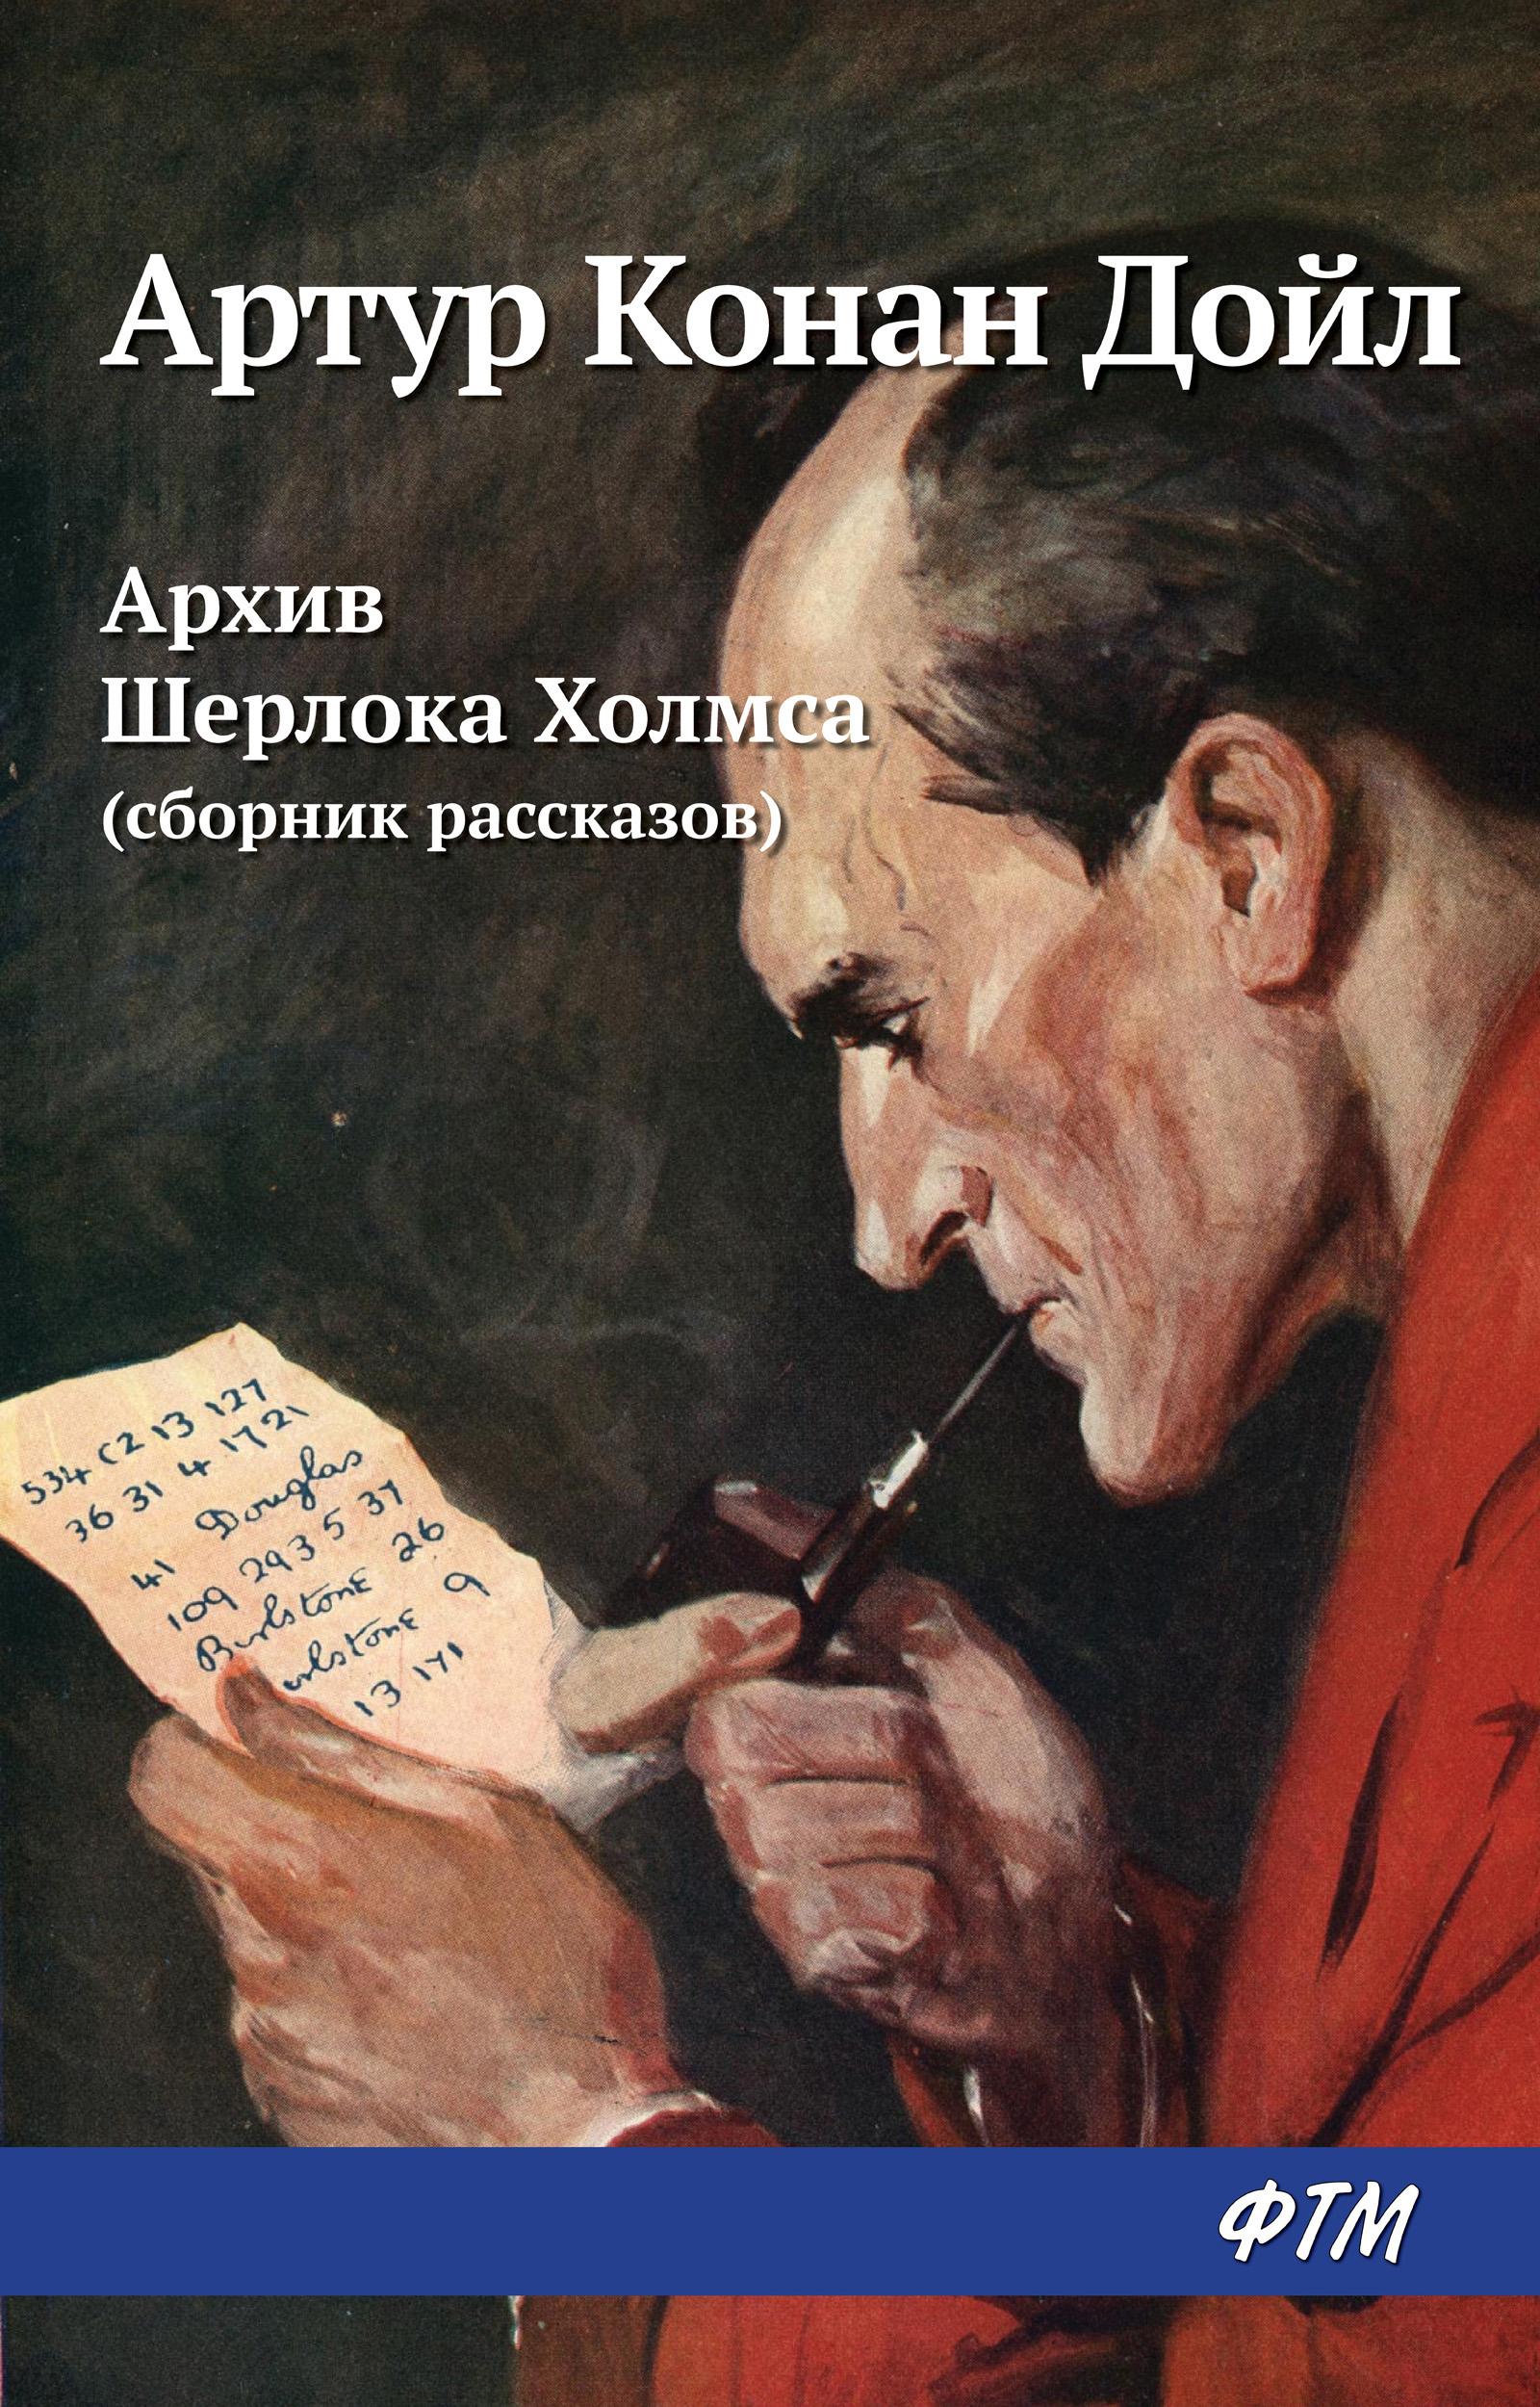 Артур Конан Дойл Архив Шерлока Холмса (сборник) артур конан дойл архив шерлока холмса